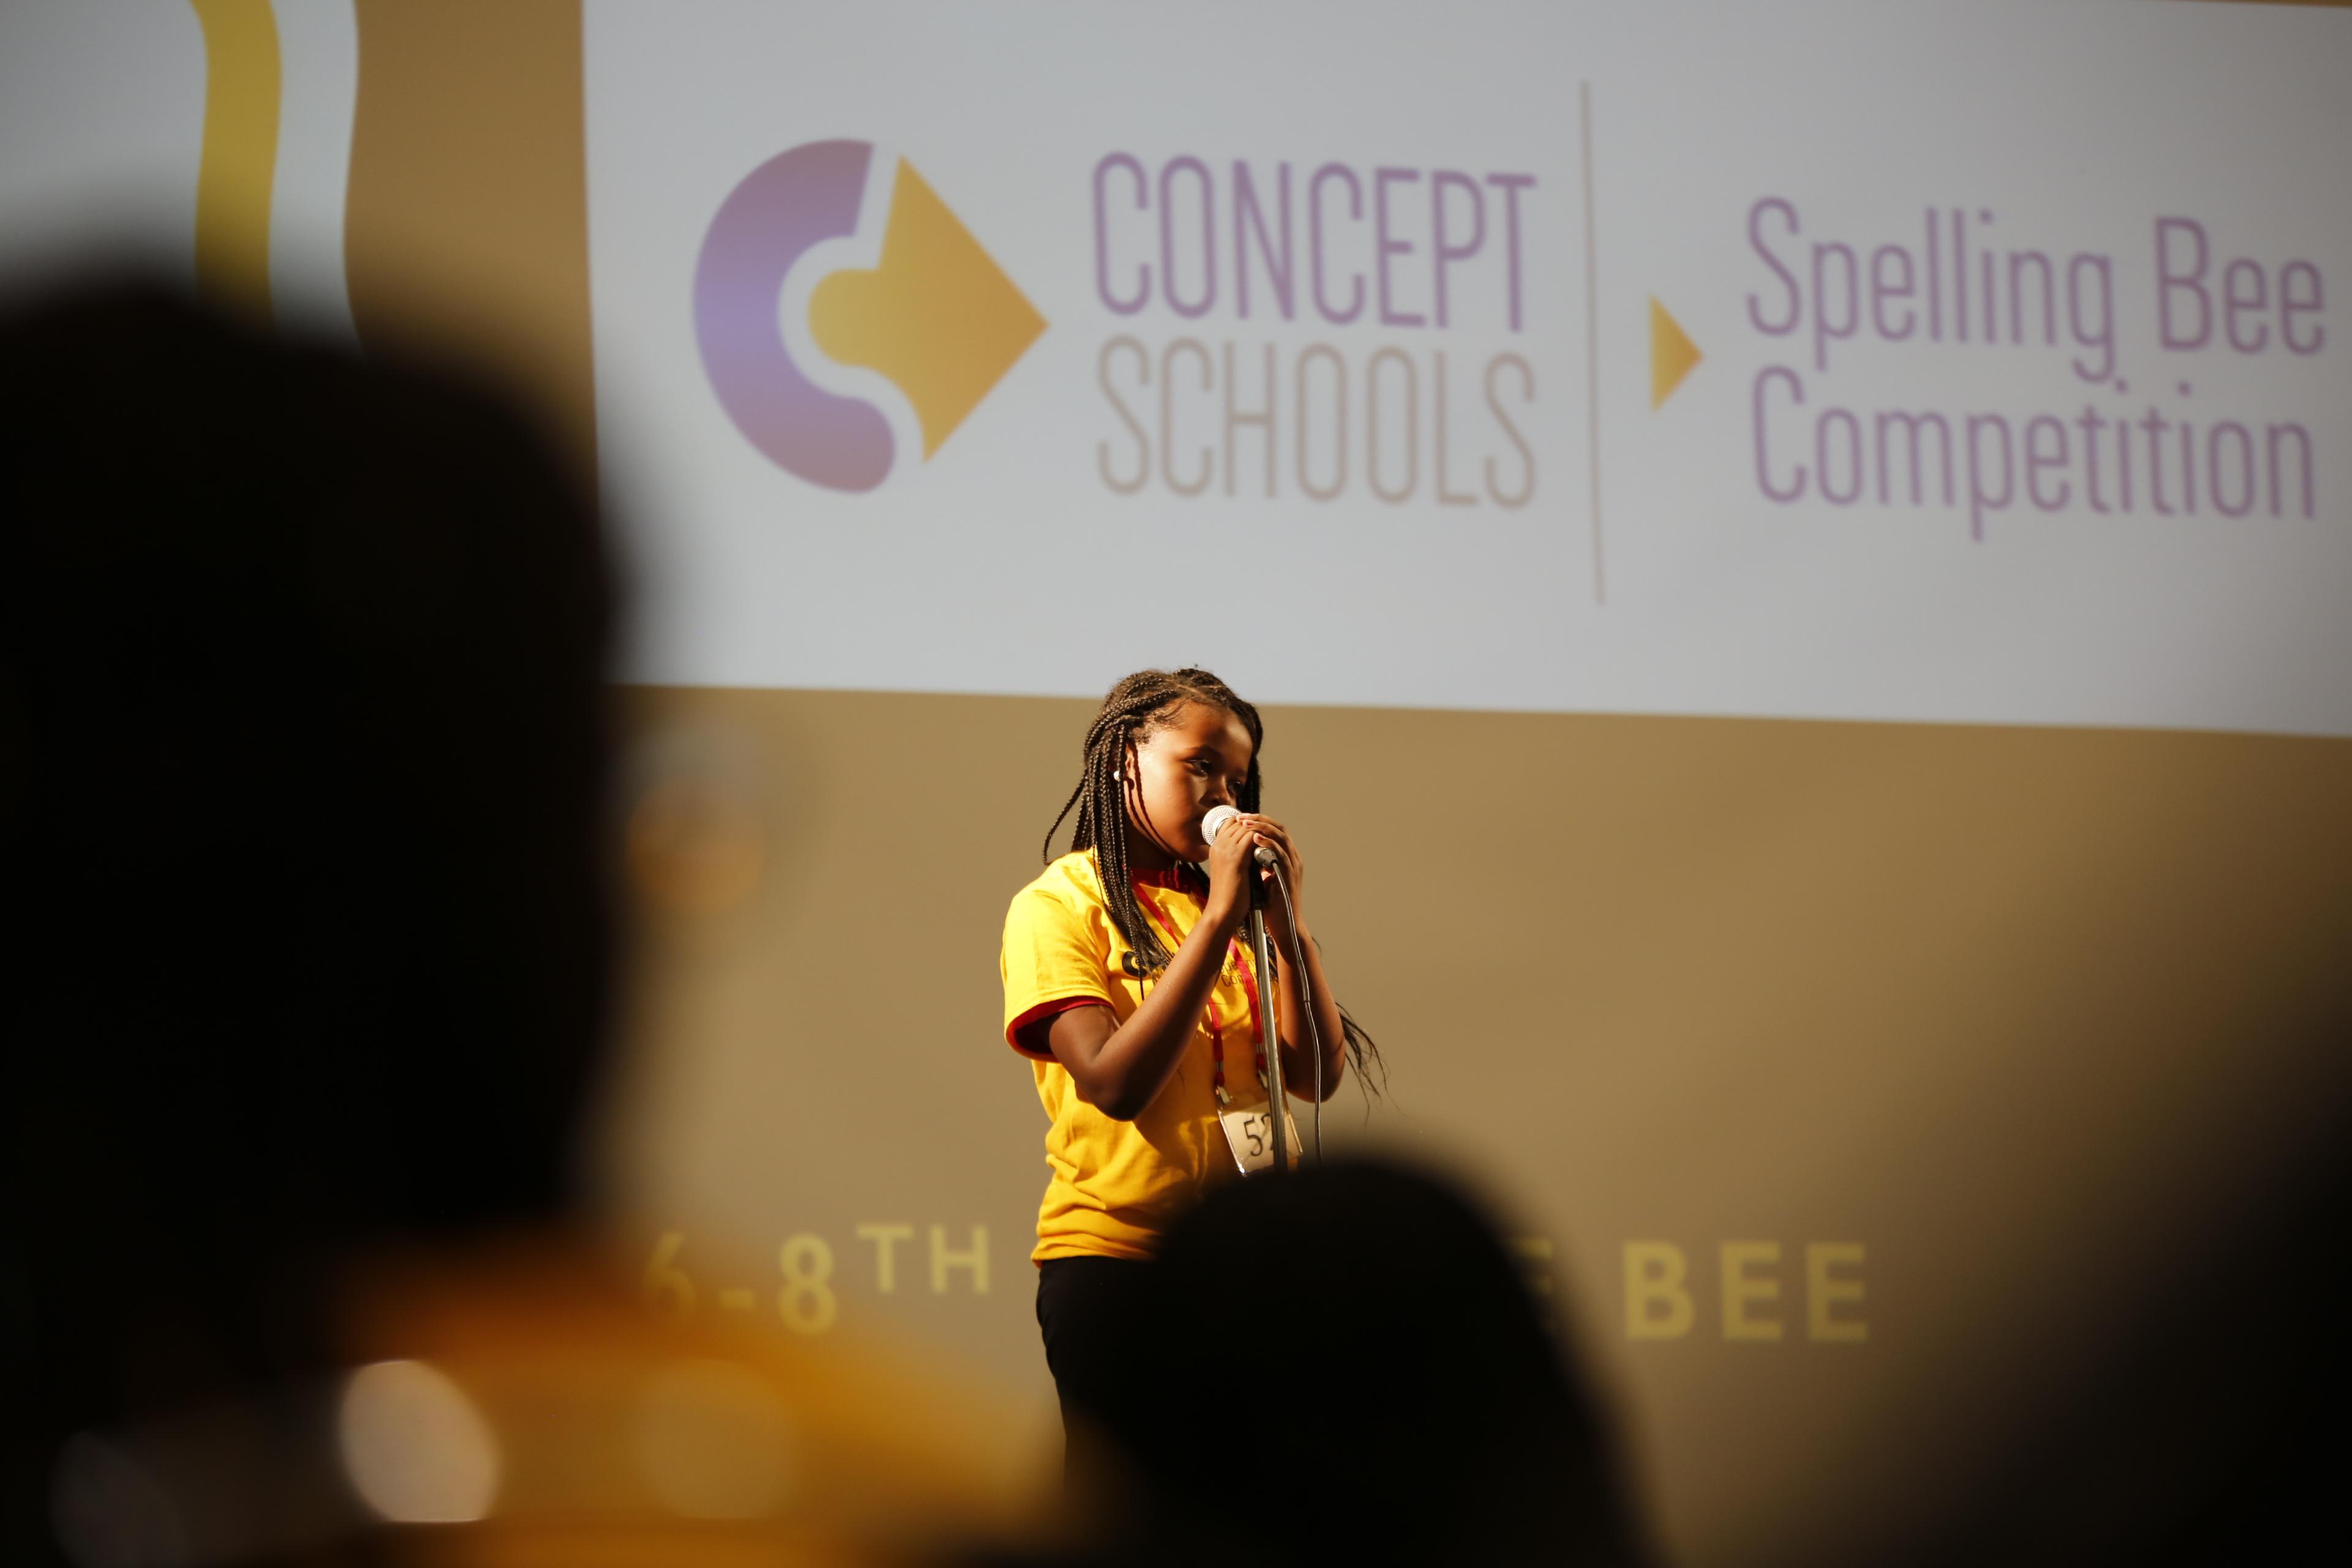 spelling-bee-concept-schools26